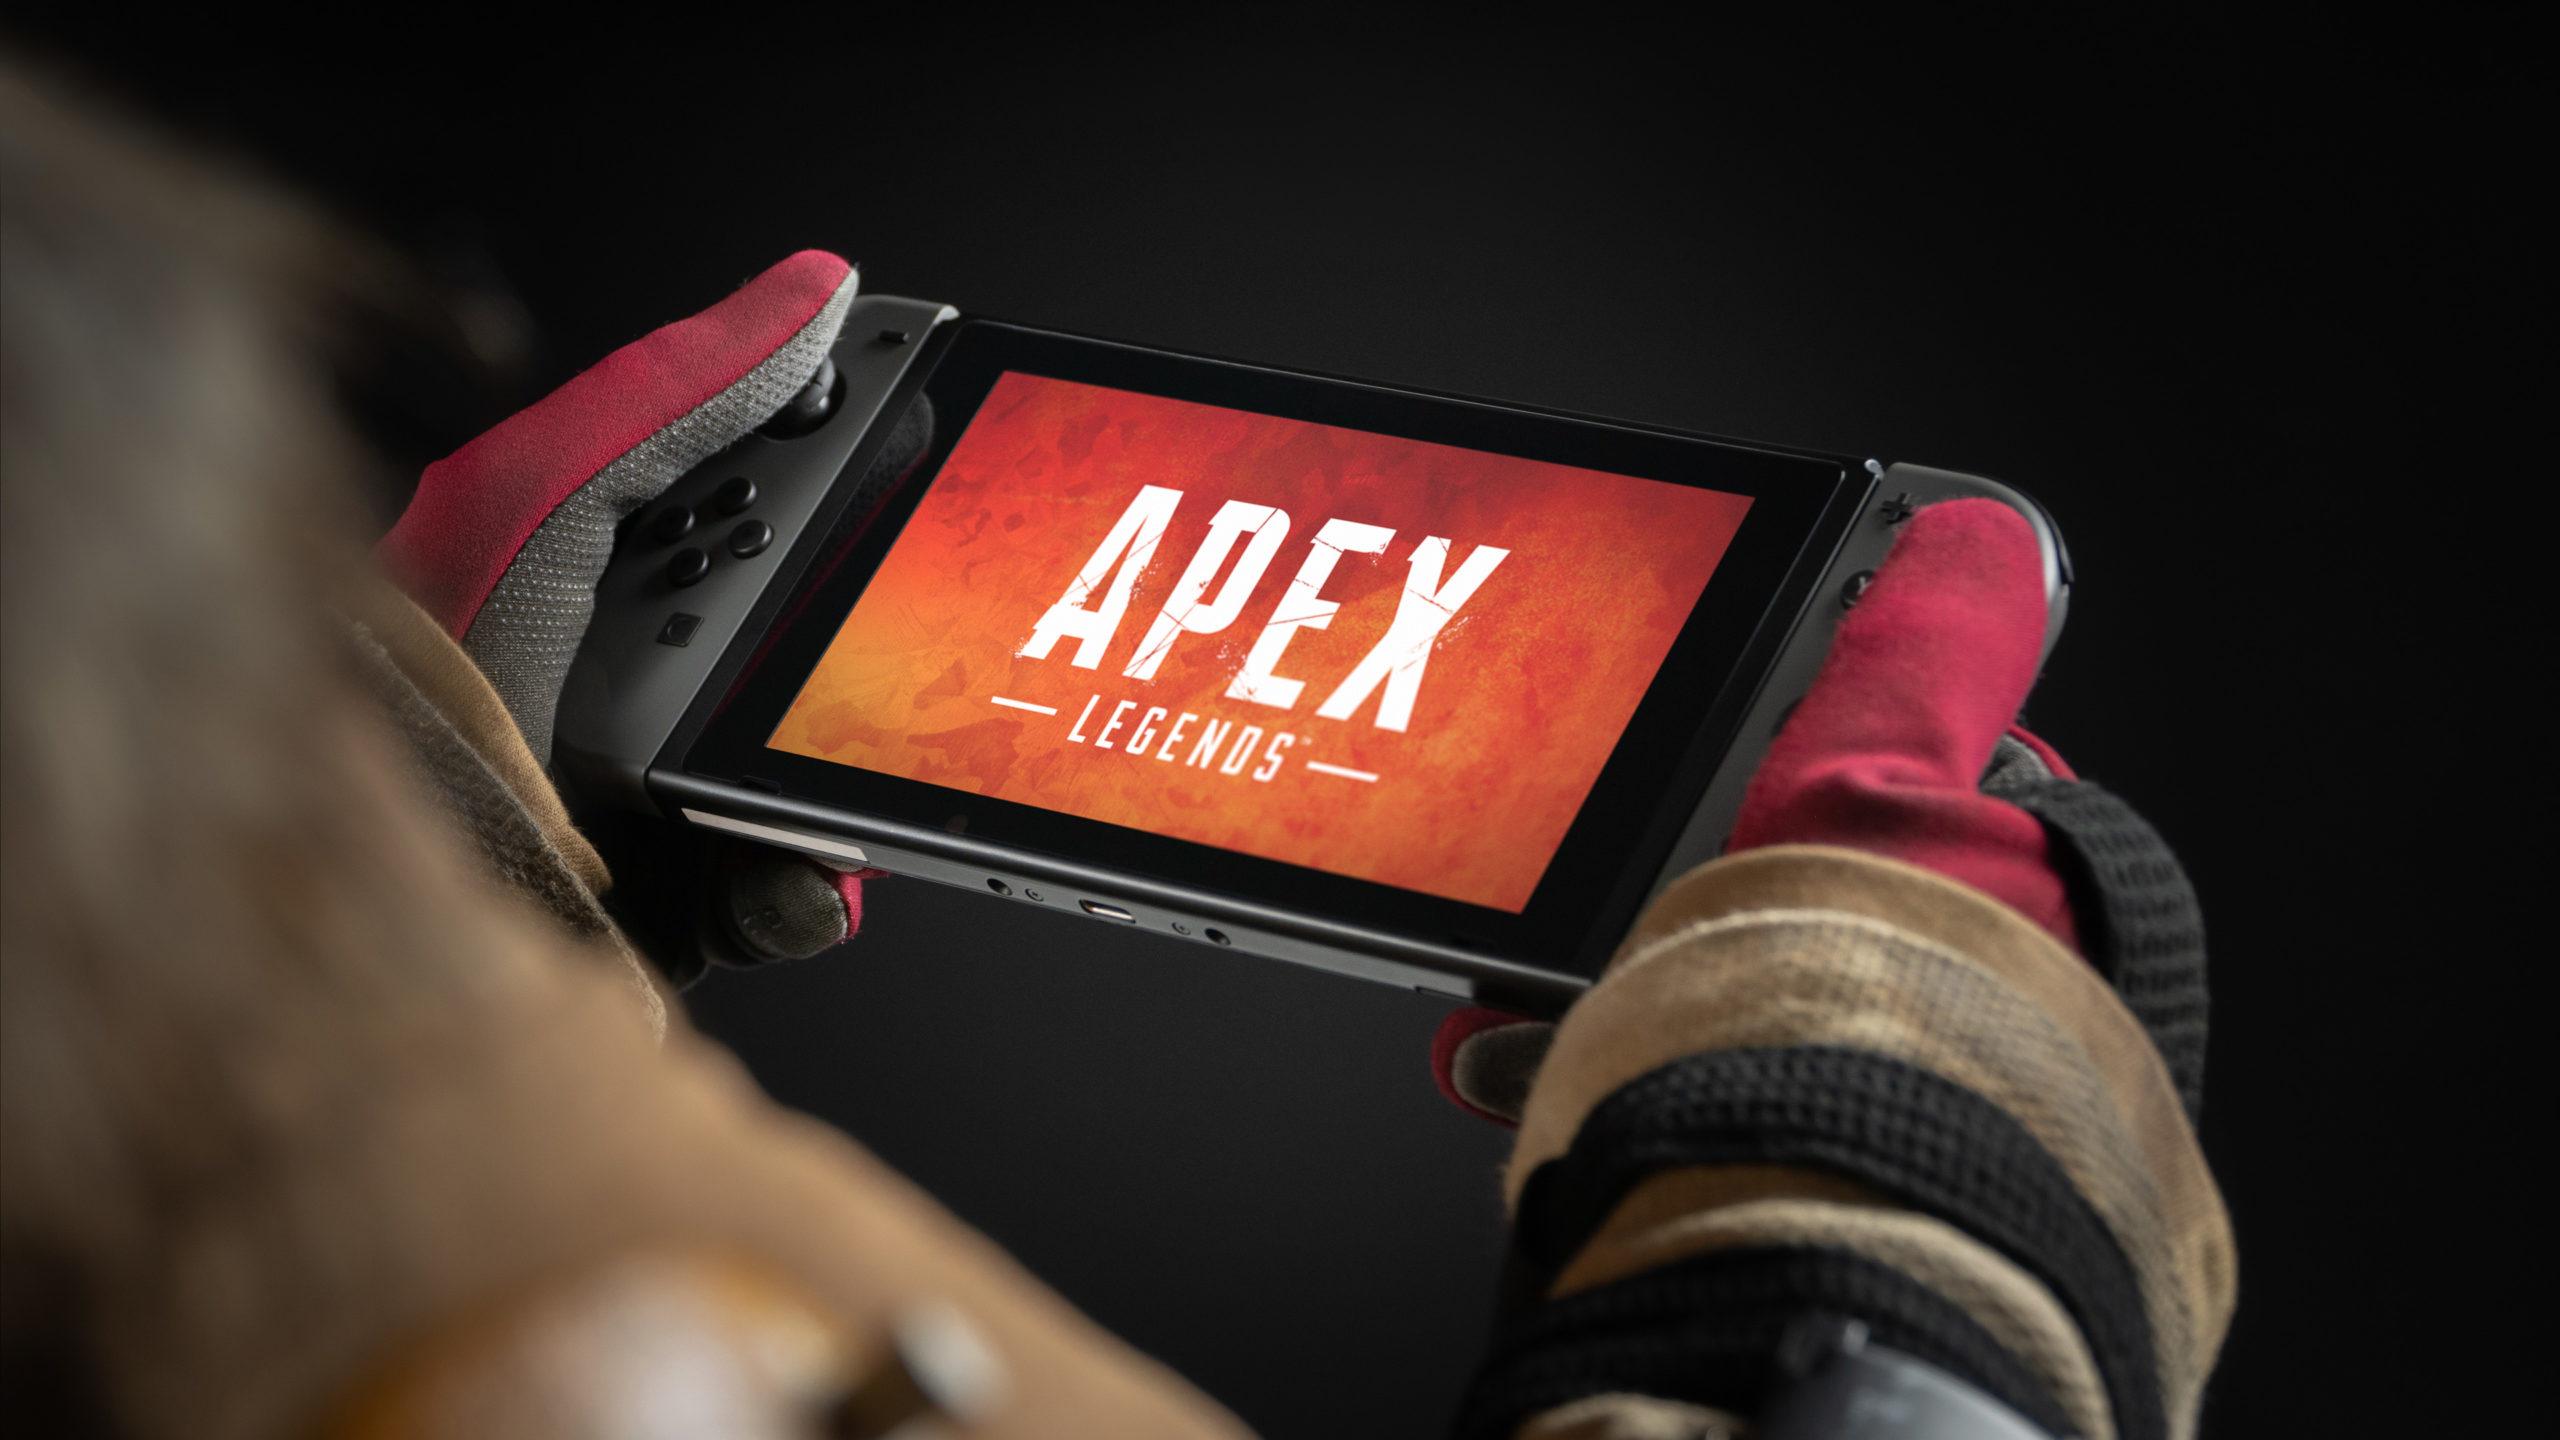 【速報】Nintendo Switch版エーペックスレジェンズは現在開発中とのこと